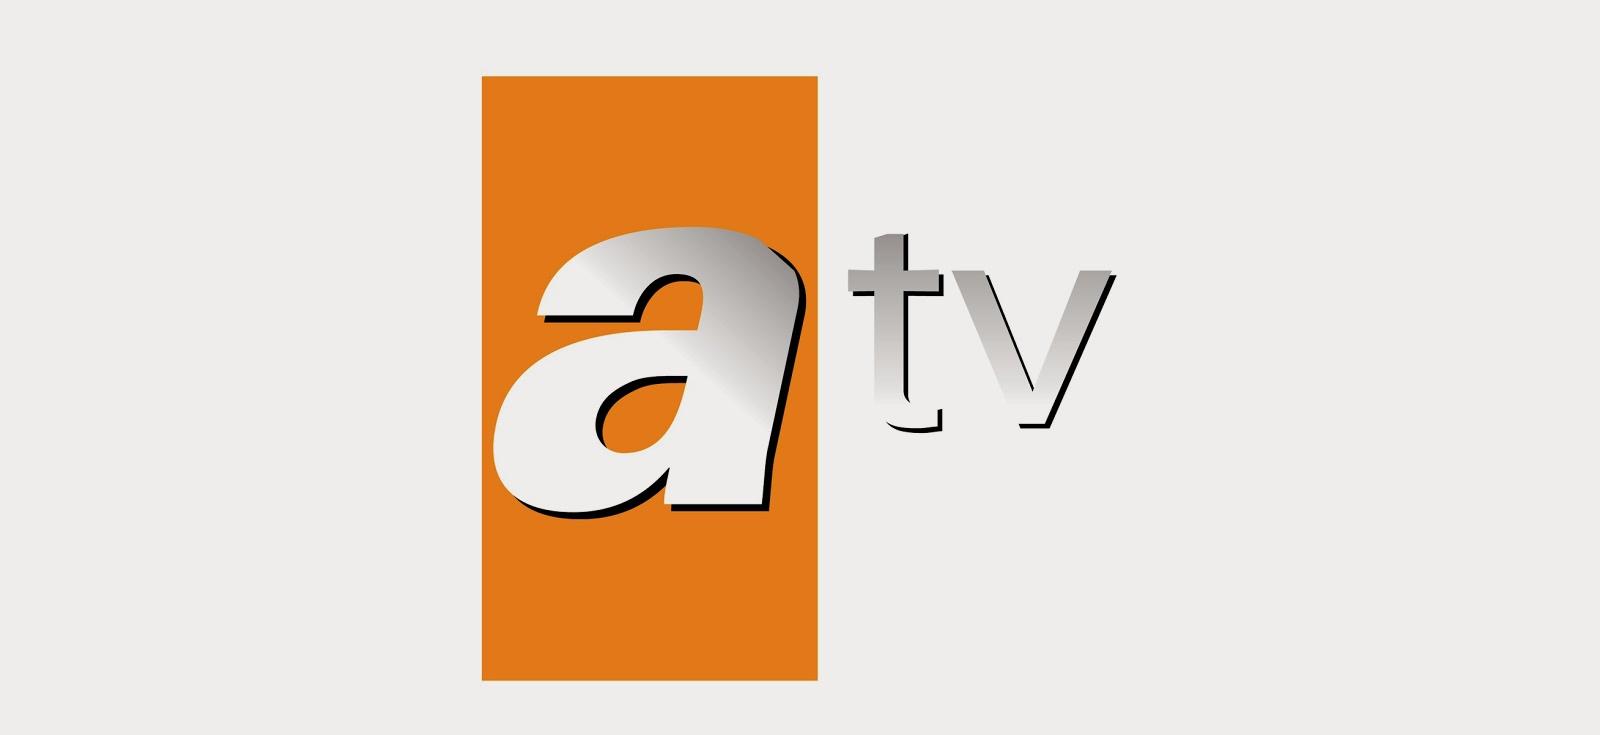 22 Eylül 2021 Çarşamba TV yayın akışı: Bugün televizyonda hangi diziler var? | Bugün TV'de ne var?